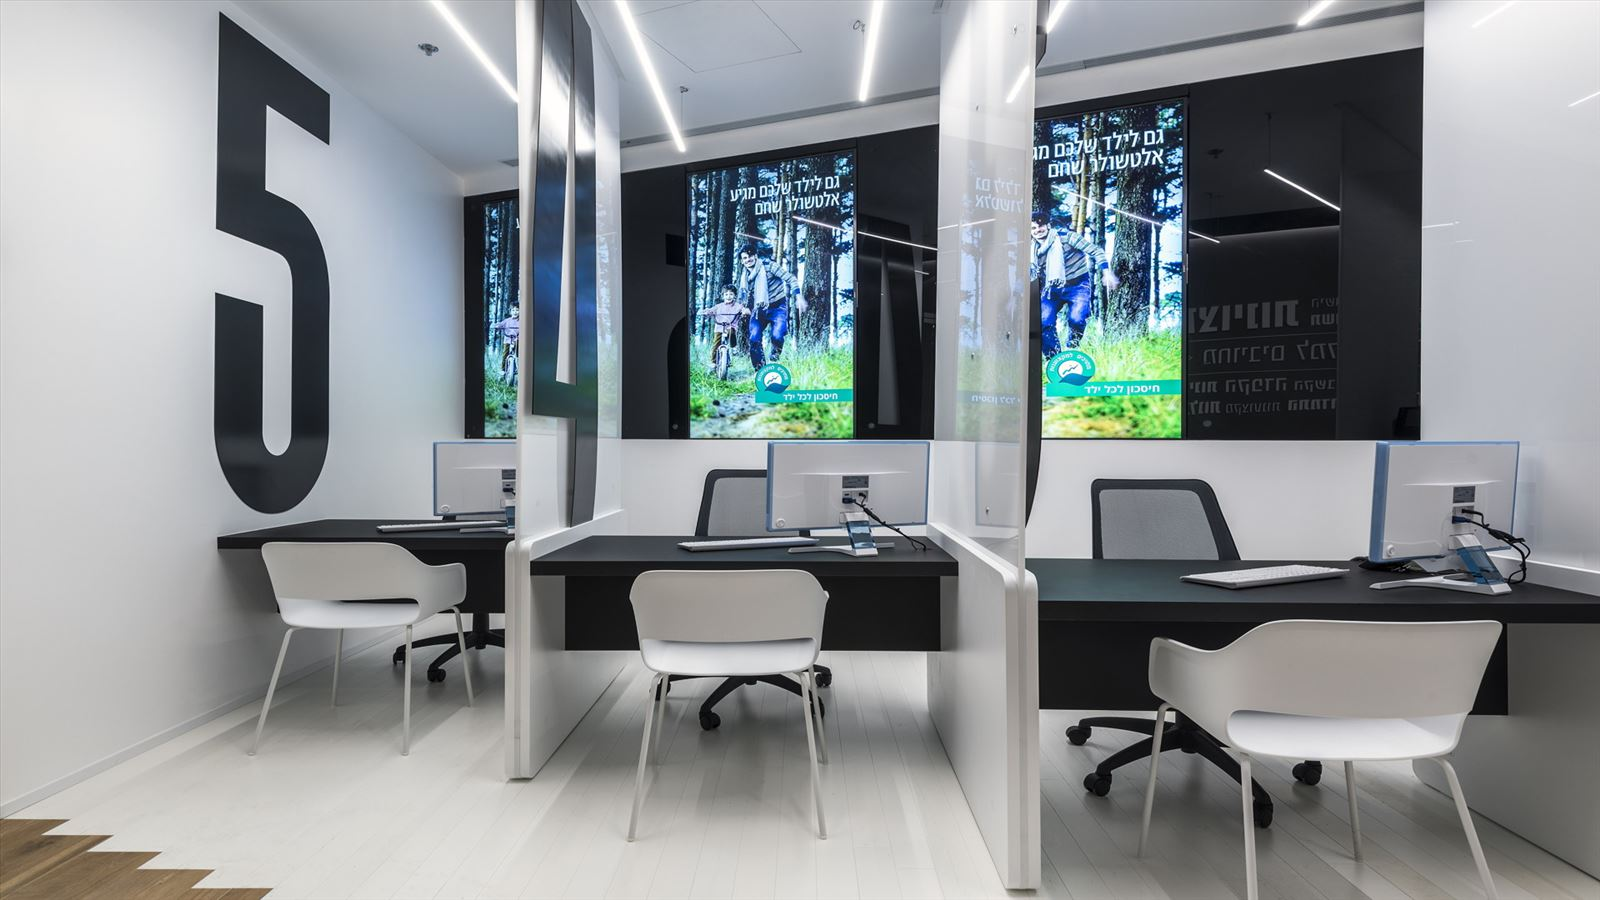 Office lighting project גופי תאורה במשרד מבית קמחי תאורה